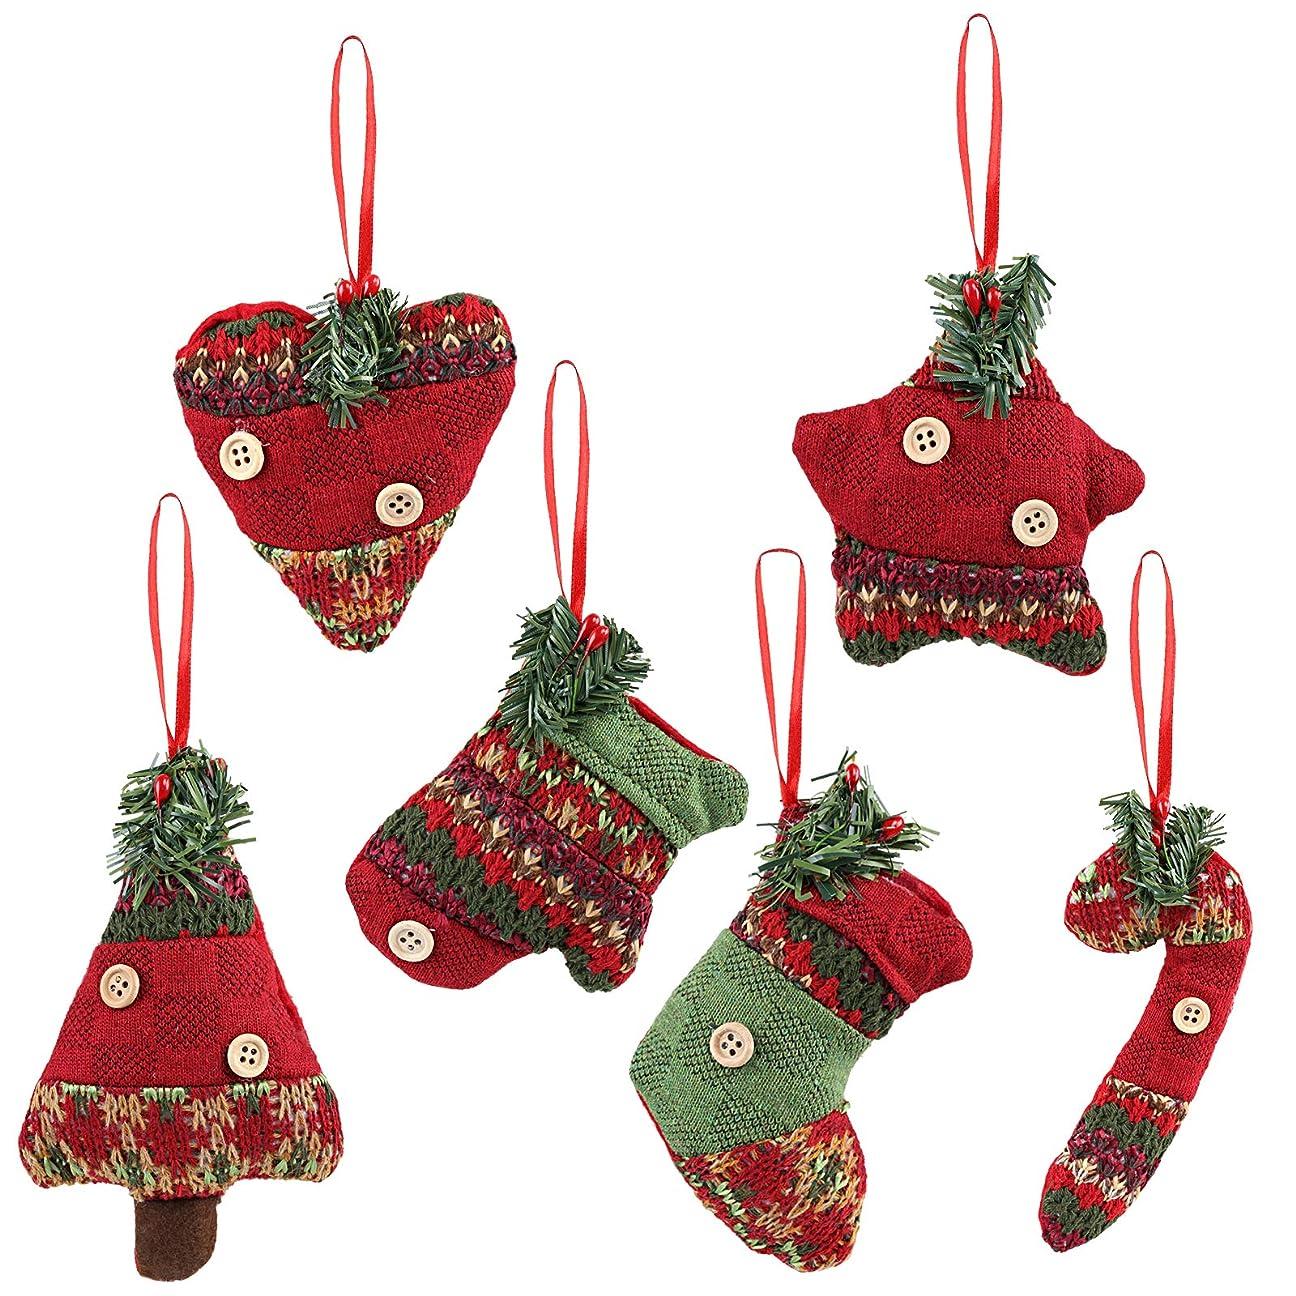 セットする豚肉幸運なKesote クリスマス飾り クリスマスツリー飾り 壁掛け 玄関掛け 装飾 ストラップ 置物 六つデザイン入り 10.5cmから14cmまで パーディー プレゼント